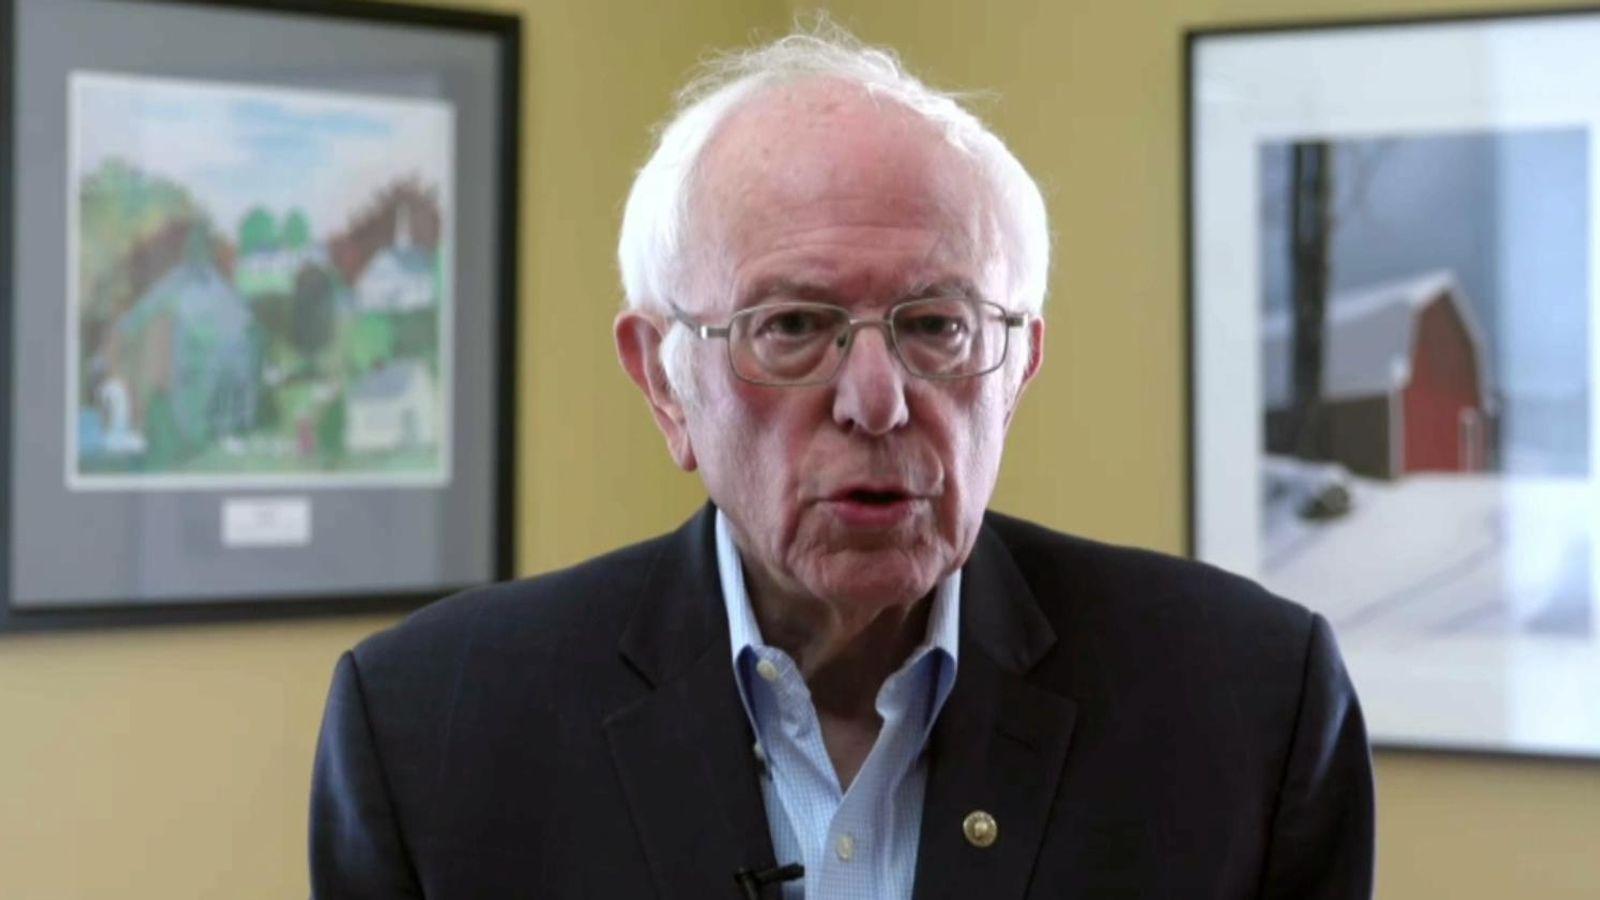 Bernie Sanders drops out of US presidential race